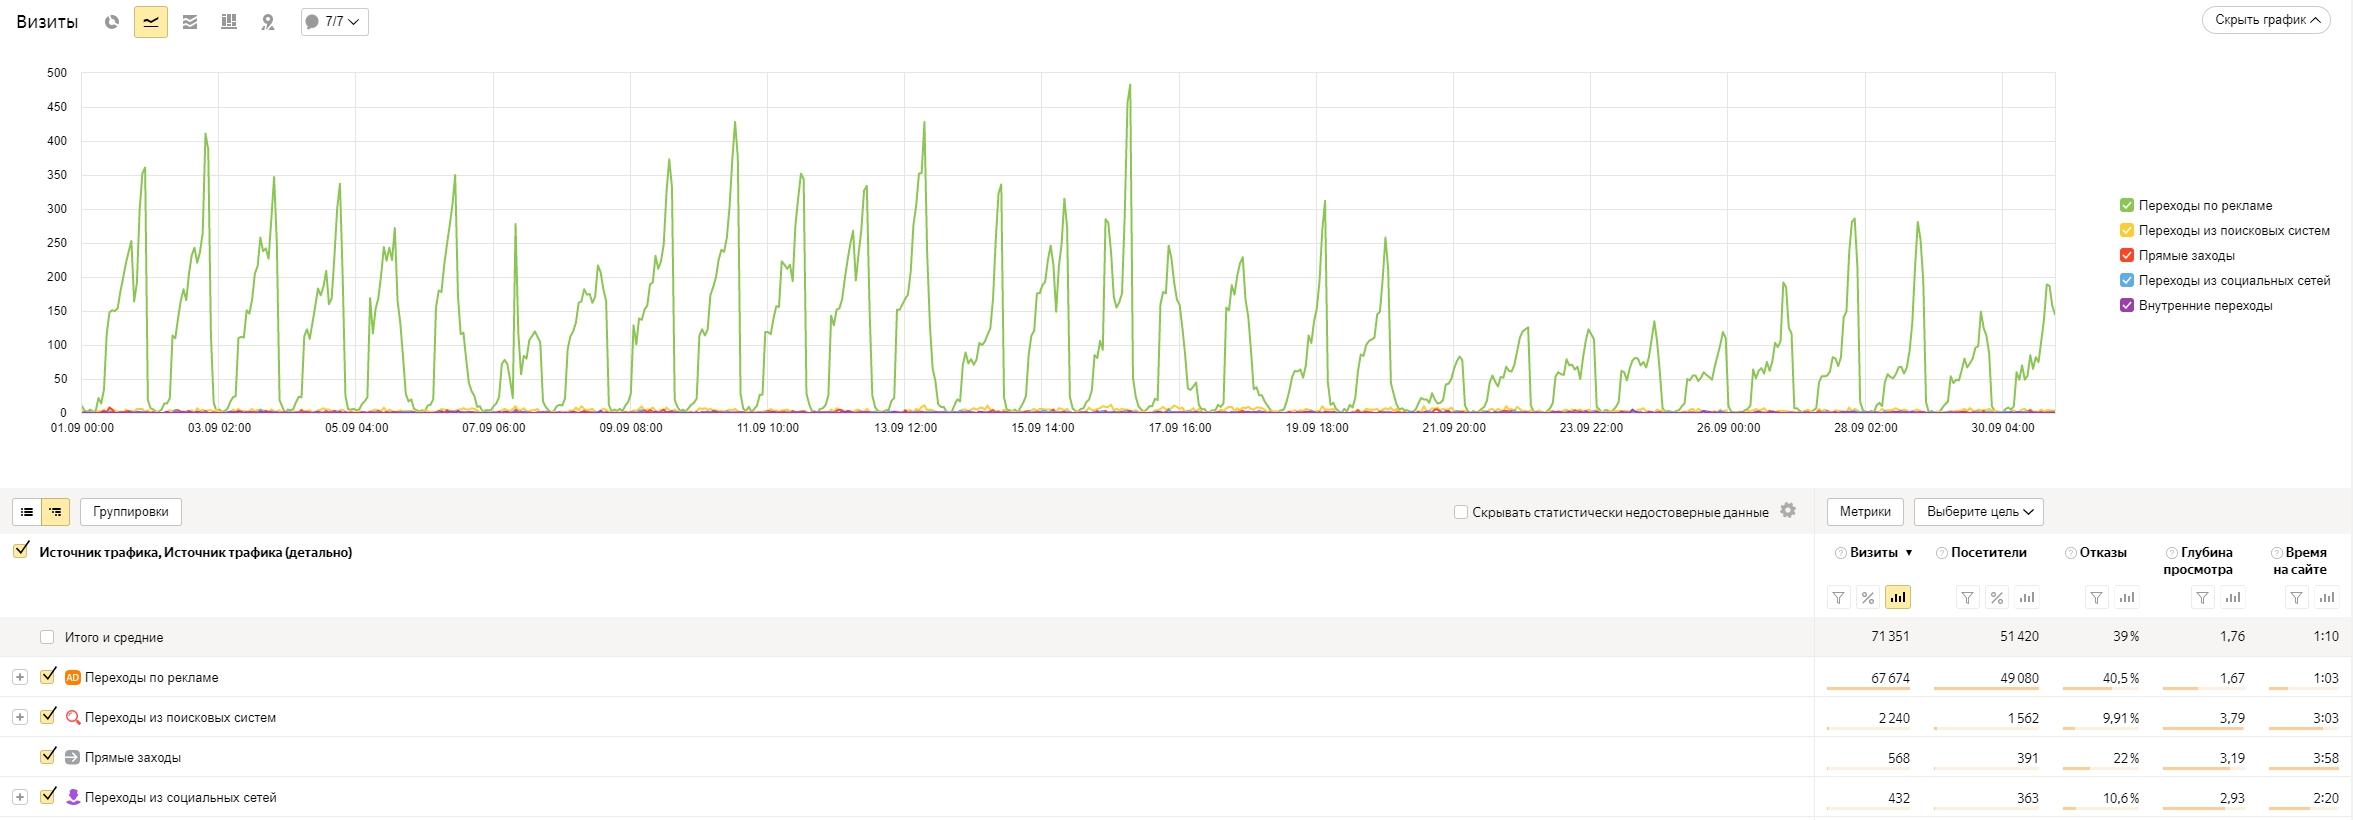 Анализ эффективности данных